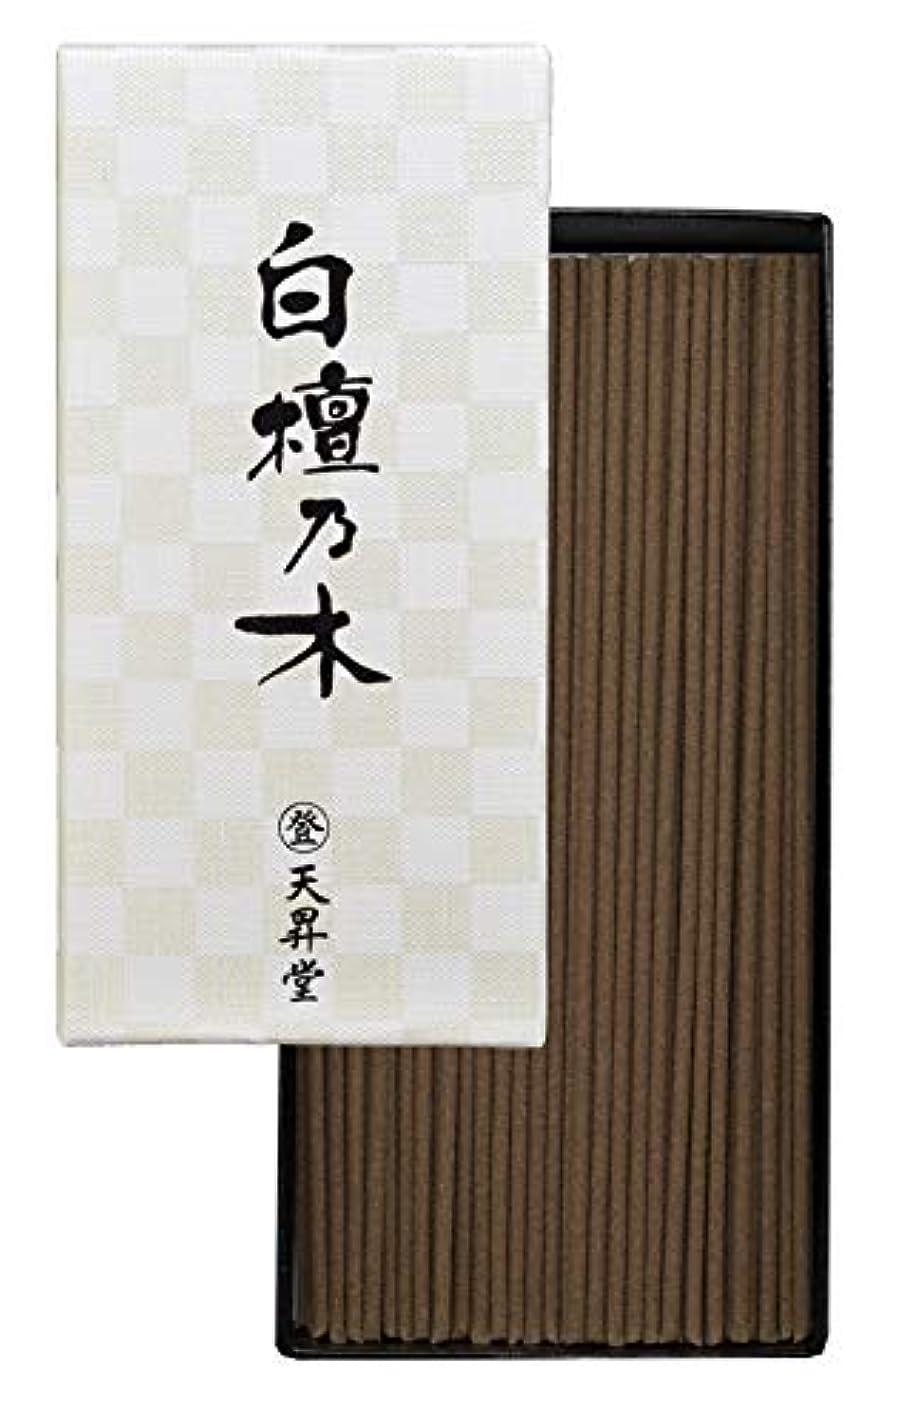 うそつき心配する可能天昇堂のお線香 白檀乃木 バラ詰め 約40g